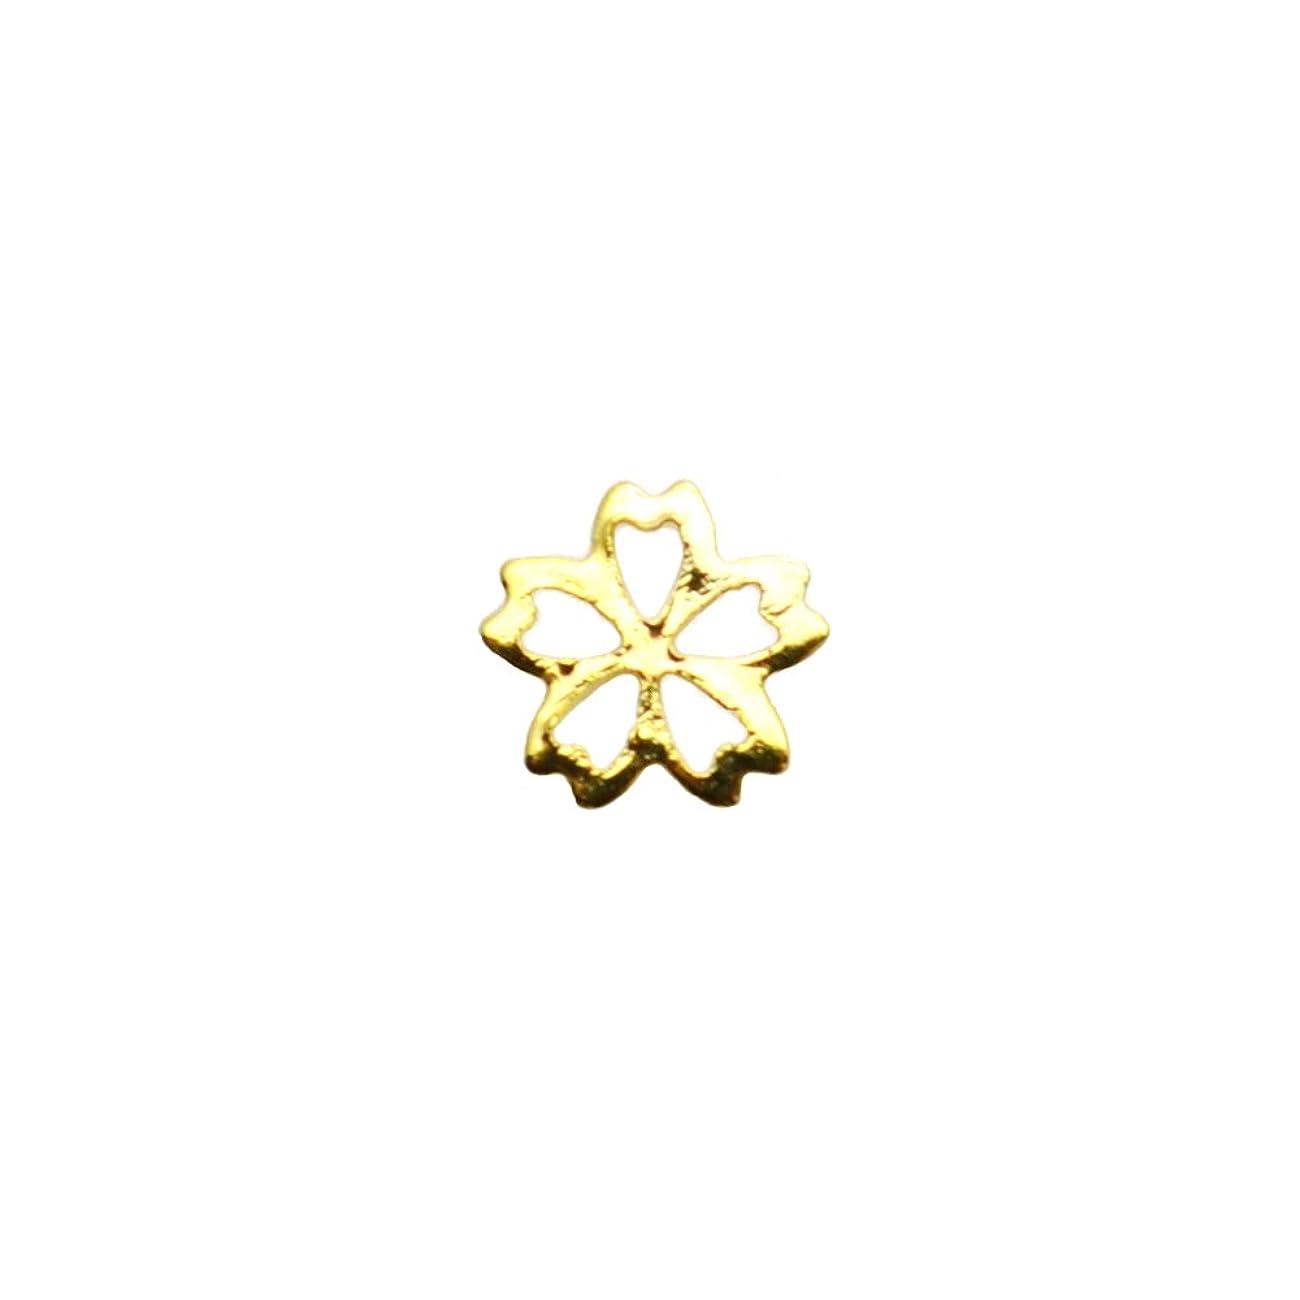 行うスマイル試みる桜フレームパーツ 4mm ゴールド 花パーツ フラワーパーツ 桜パーツ ジェルネイル セルフネイル 春ネイル